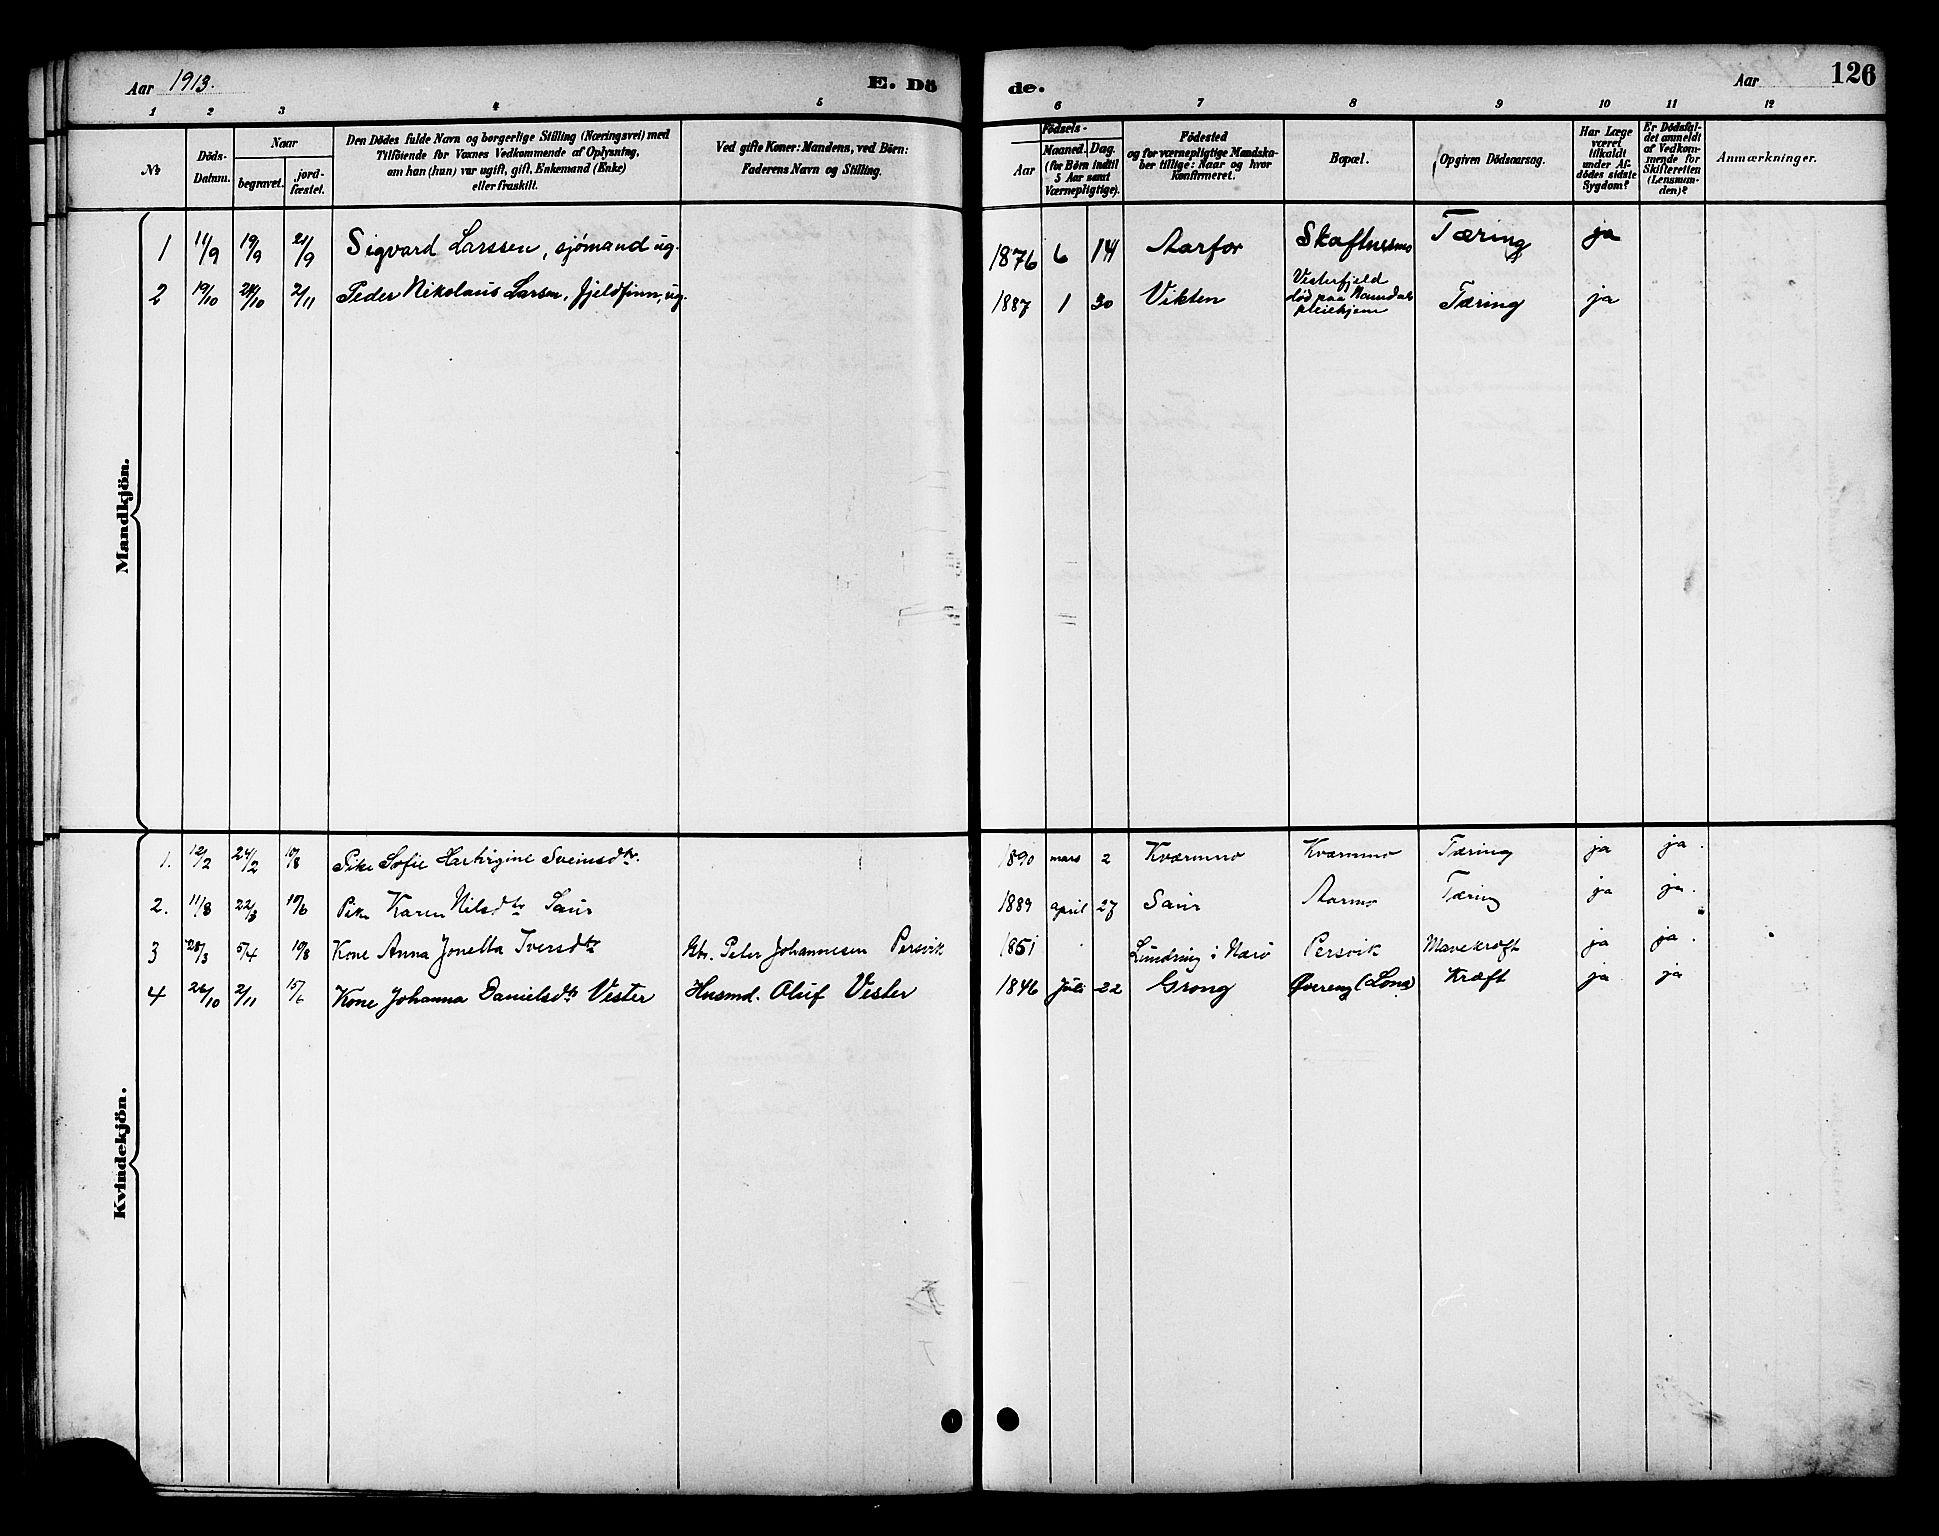 SAT, Ministerialprotokoller, klokkerbøker og fødselsregistre - Nord-Trøndelag, 783/L0662: Klokkerbok nr. 783C02, 1894-1919, s. 126